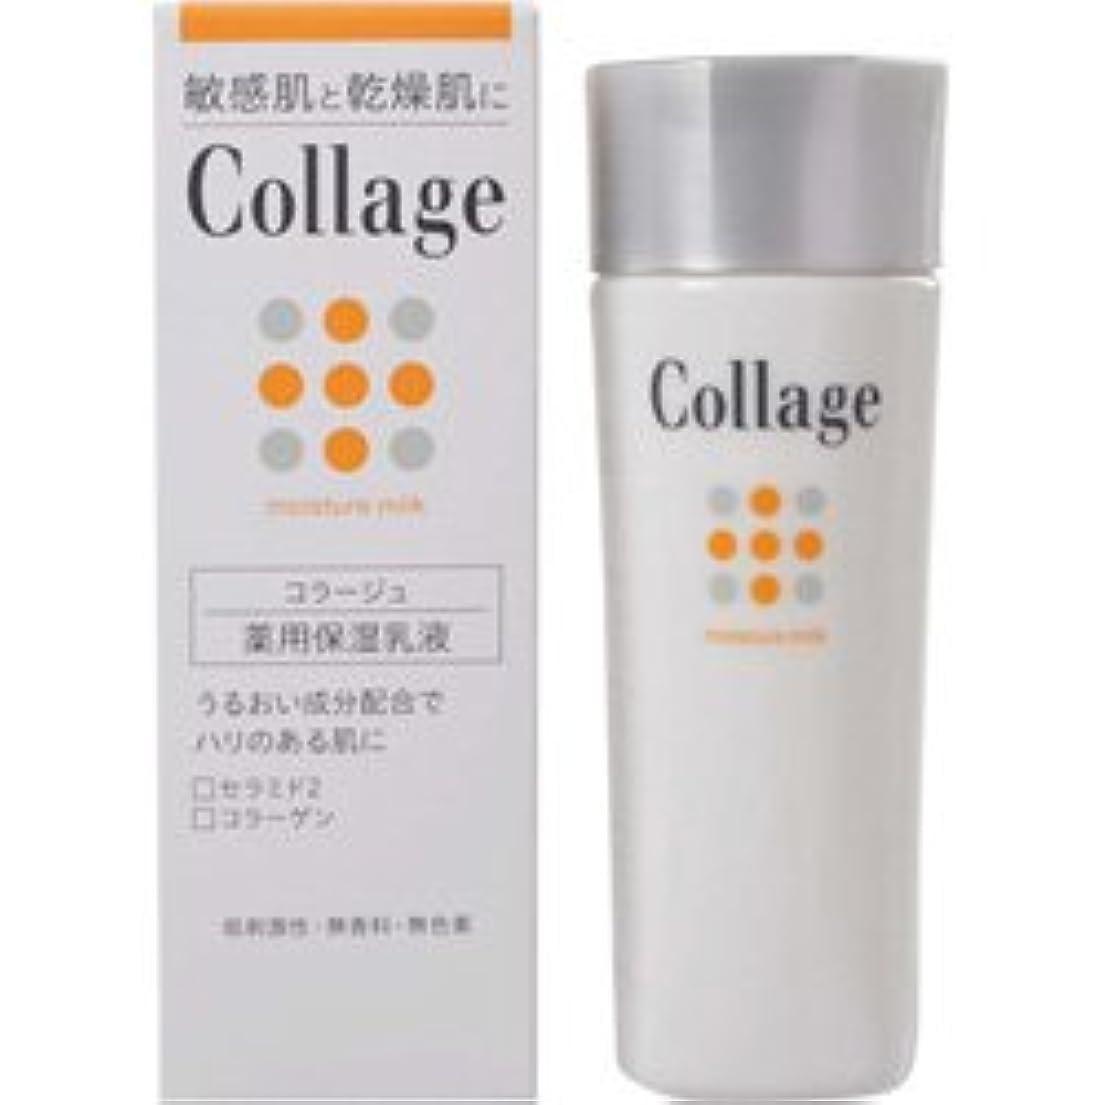 惨めな男指定【持田ヘルスケア】 コラージュ薬用保湿乳液 80ml (医薬部外品) ×3個セット